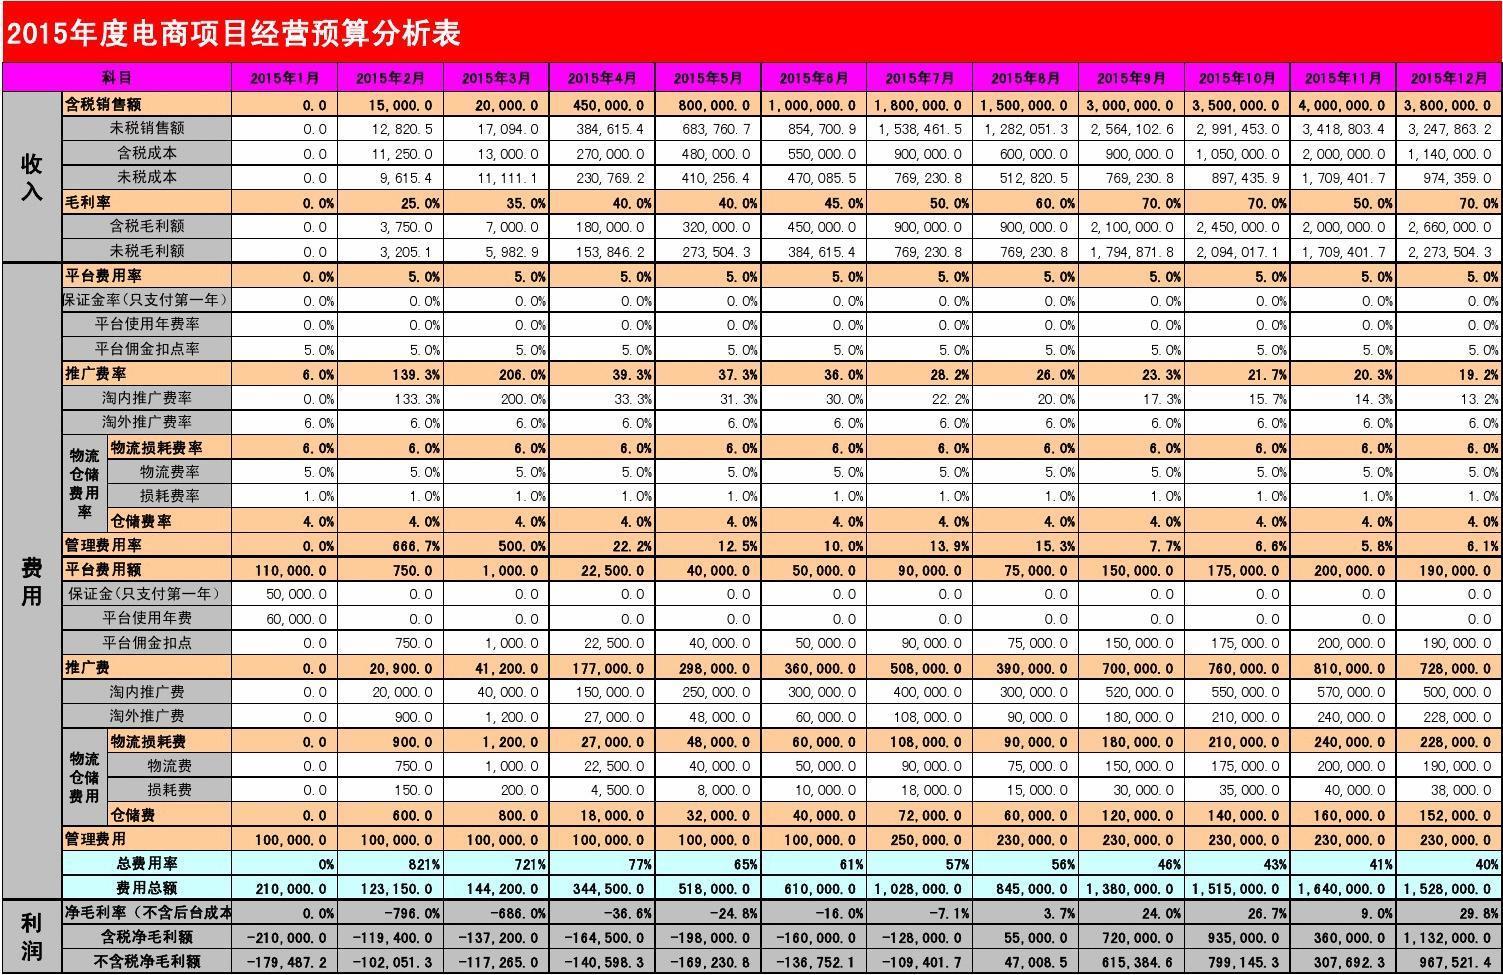 2015淘宝电商天猫公司分析厨柜经营表项目购入的预算是不是固定资产图片